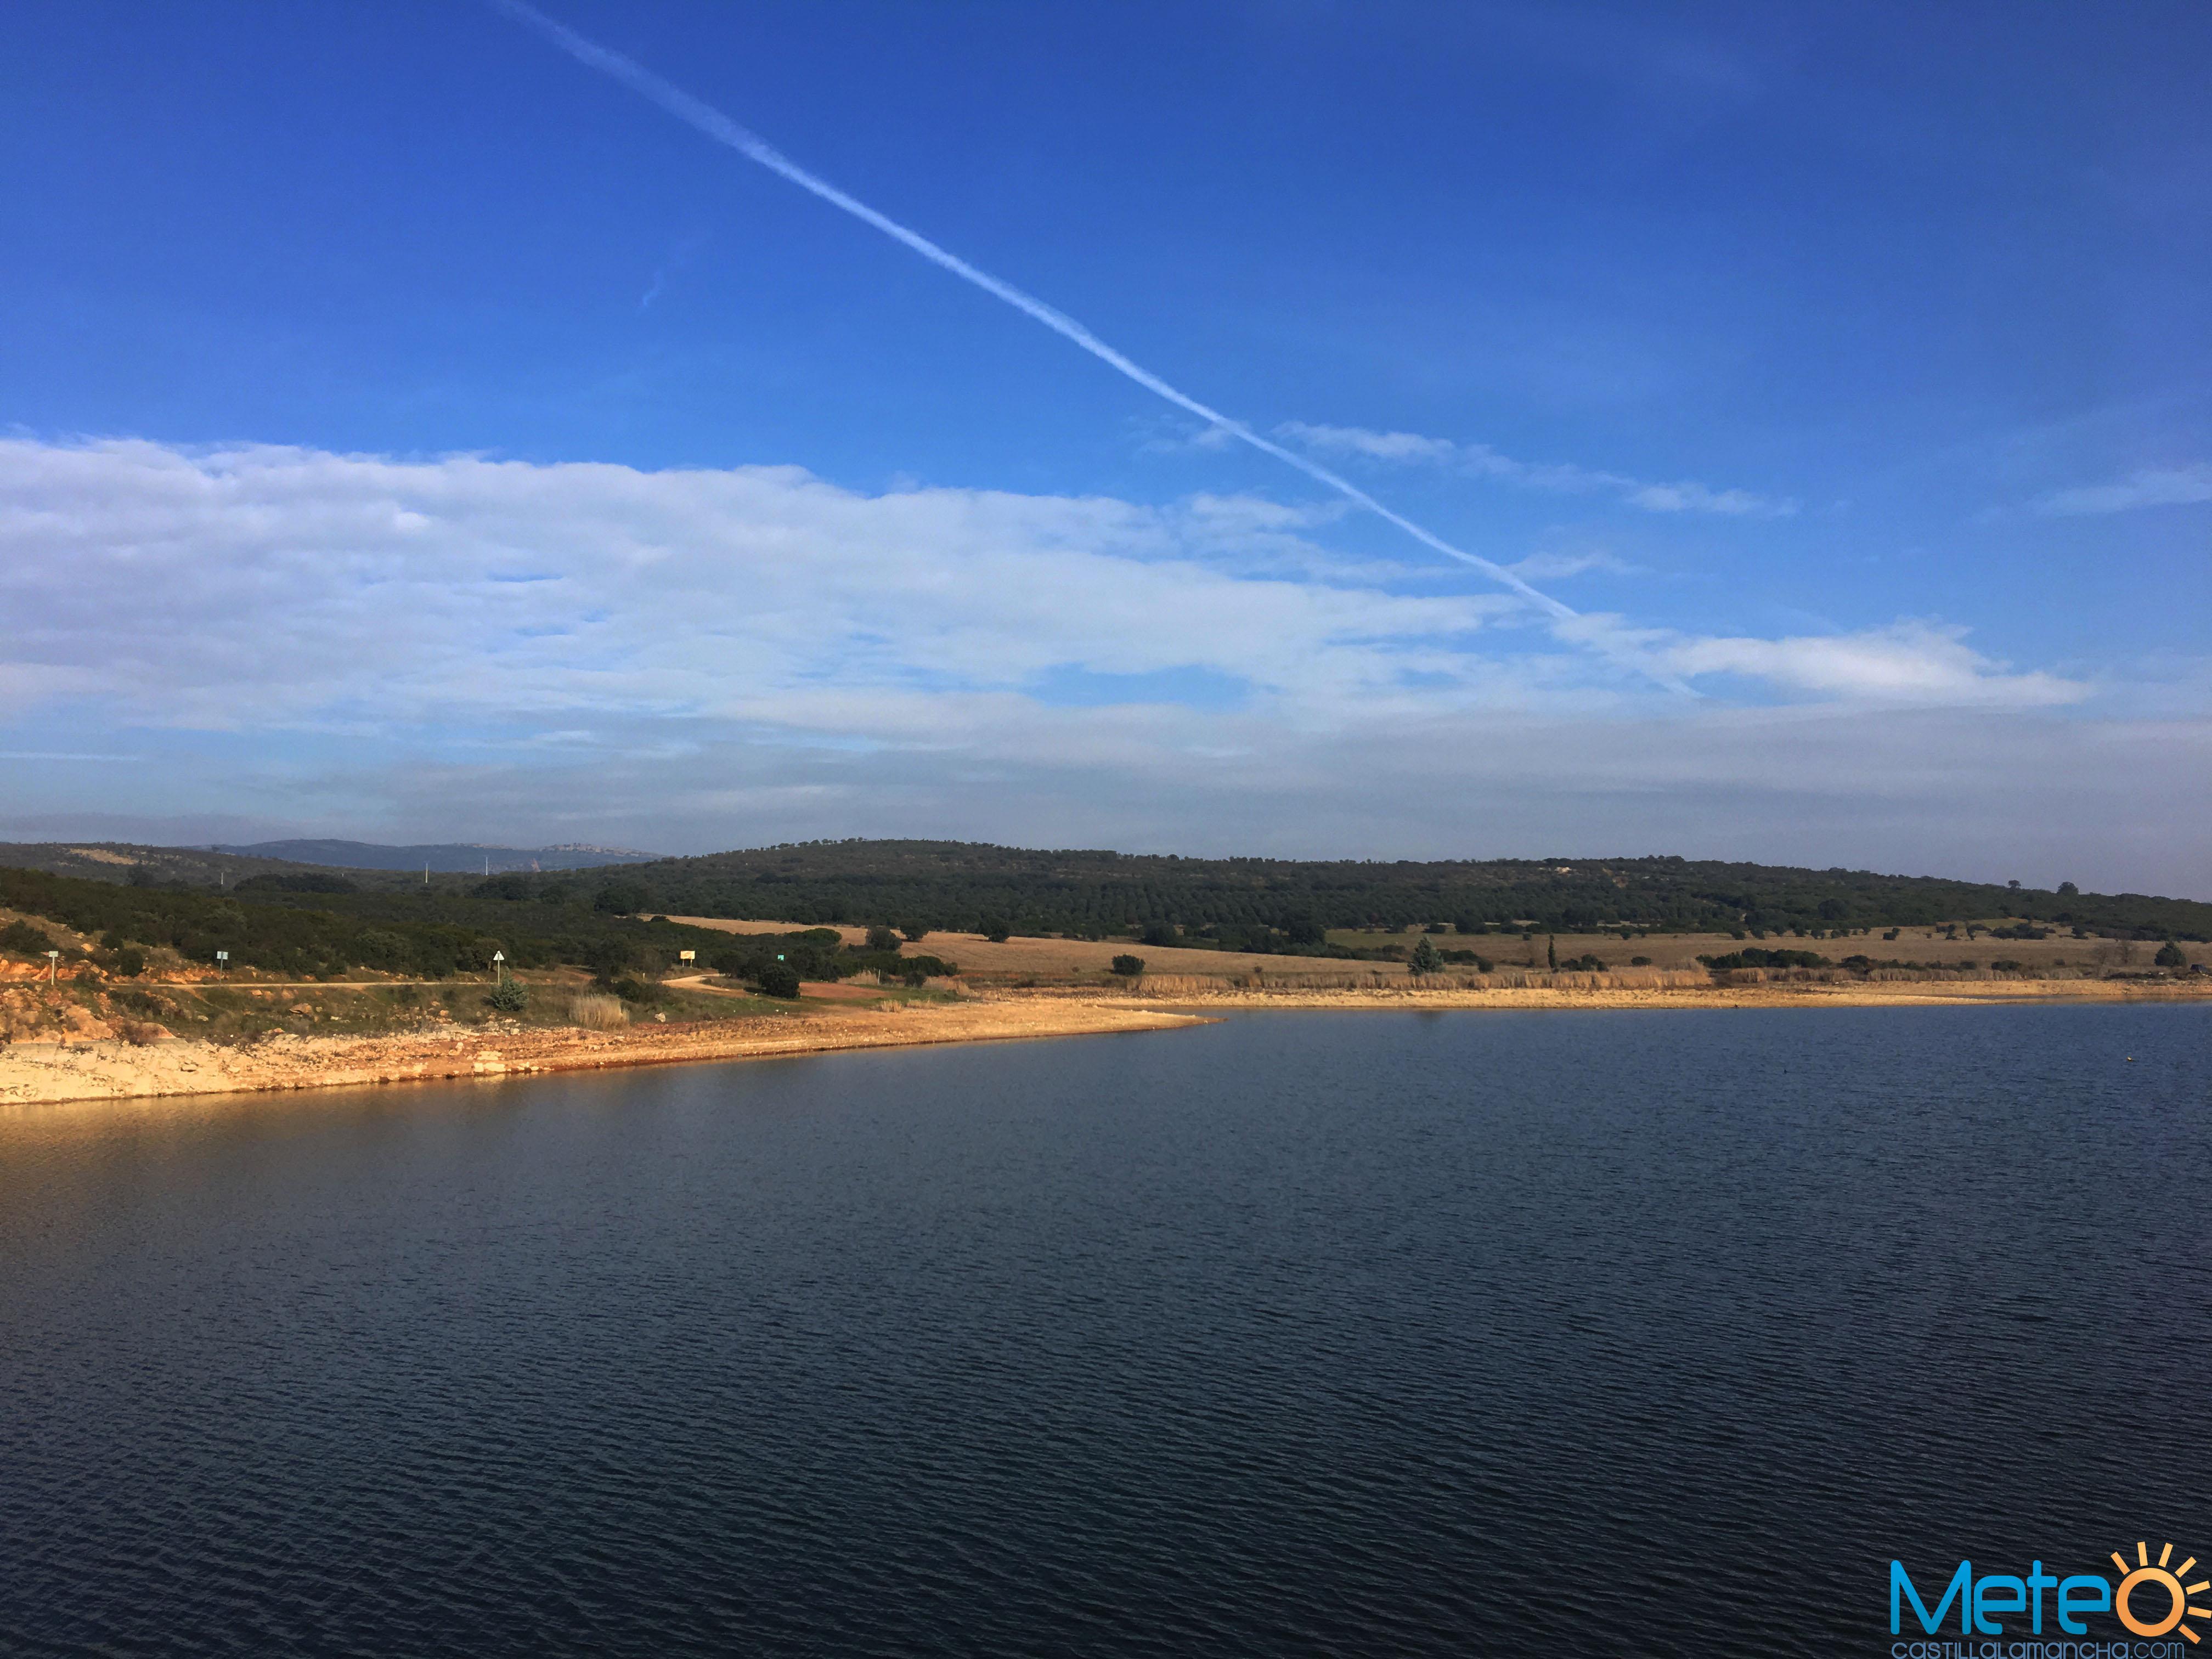 Continúa la sequía en Ciudad Real